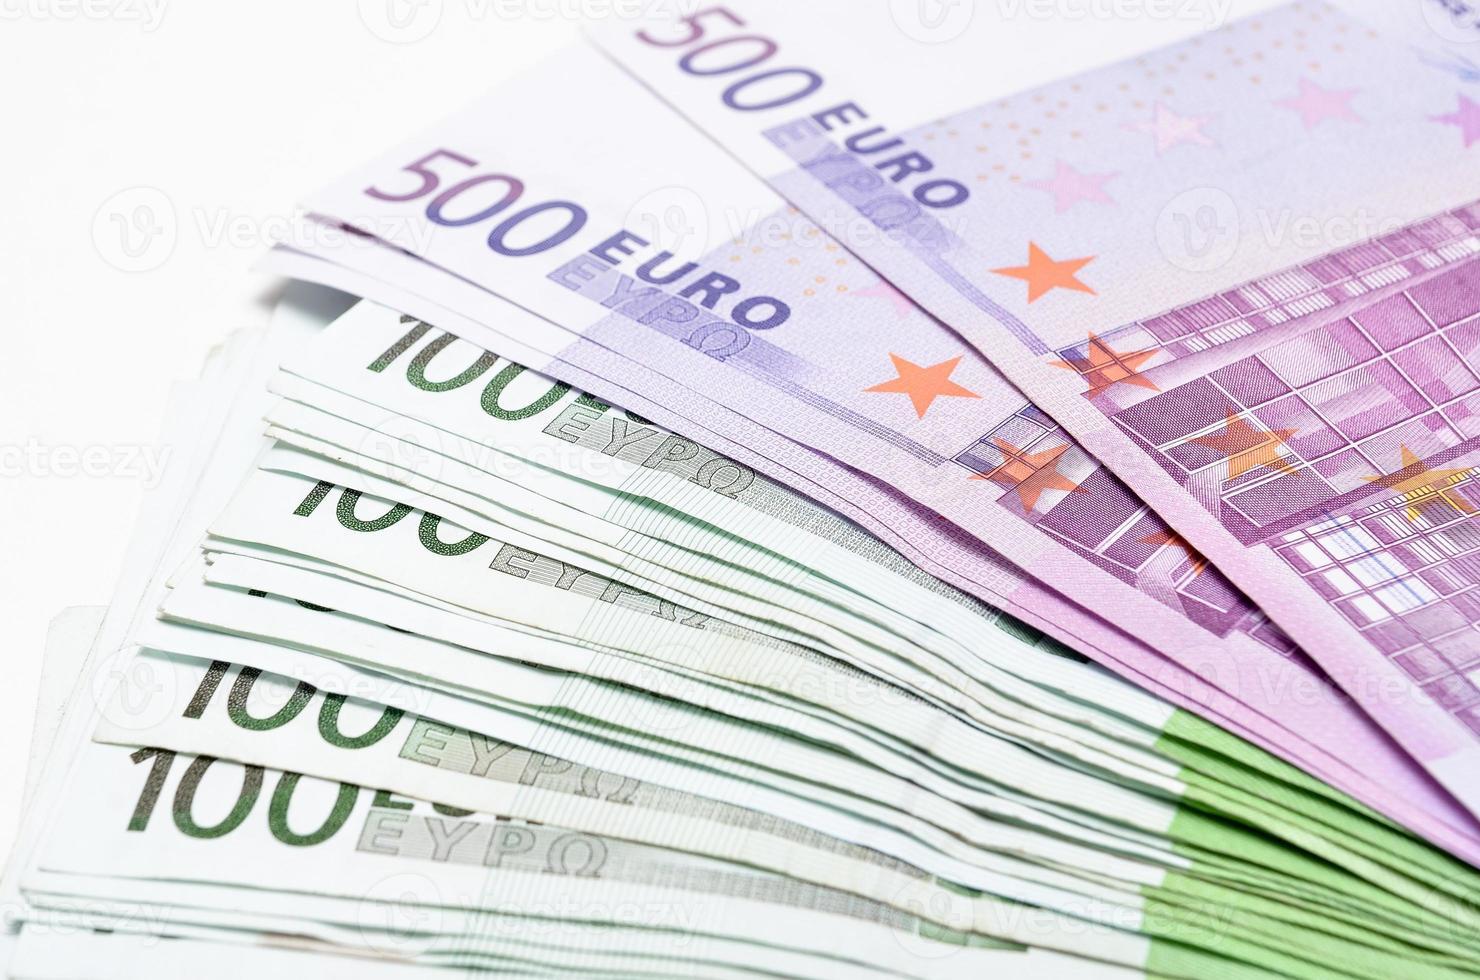 stack med pengar eurosedlar sedlar. euro valuta från Europa foto